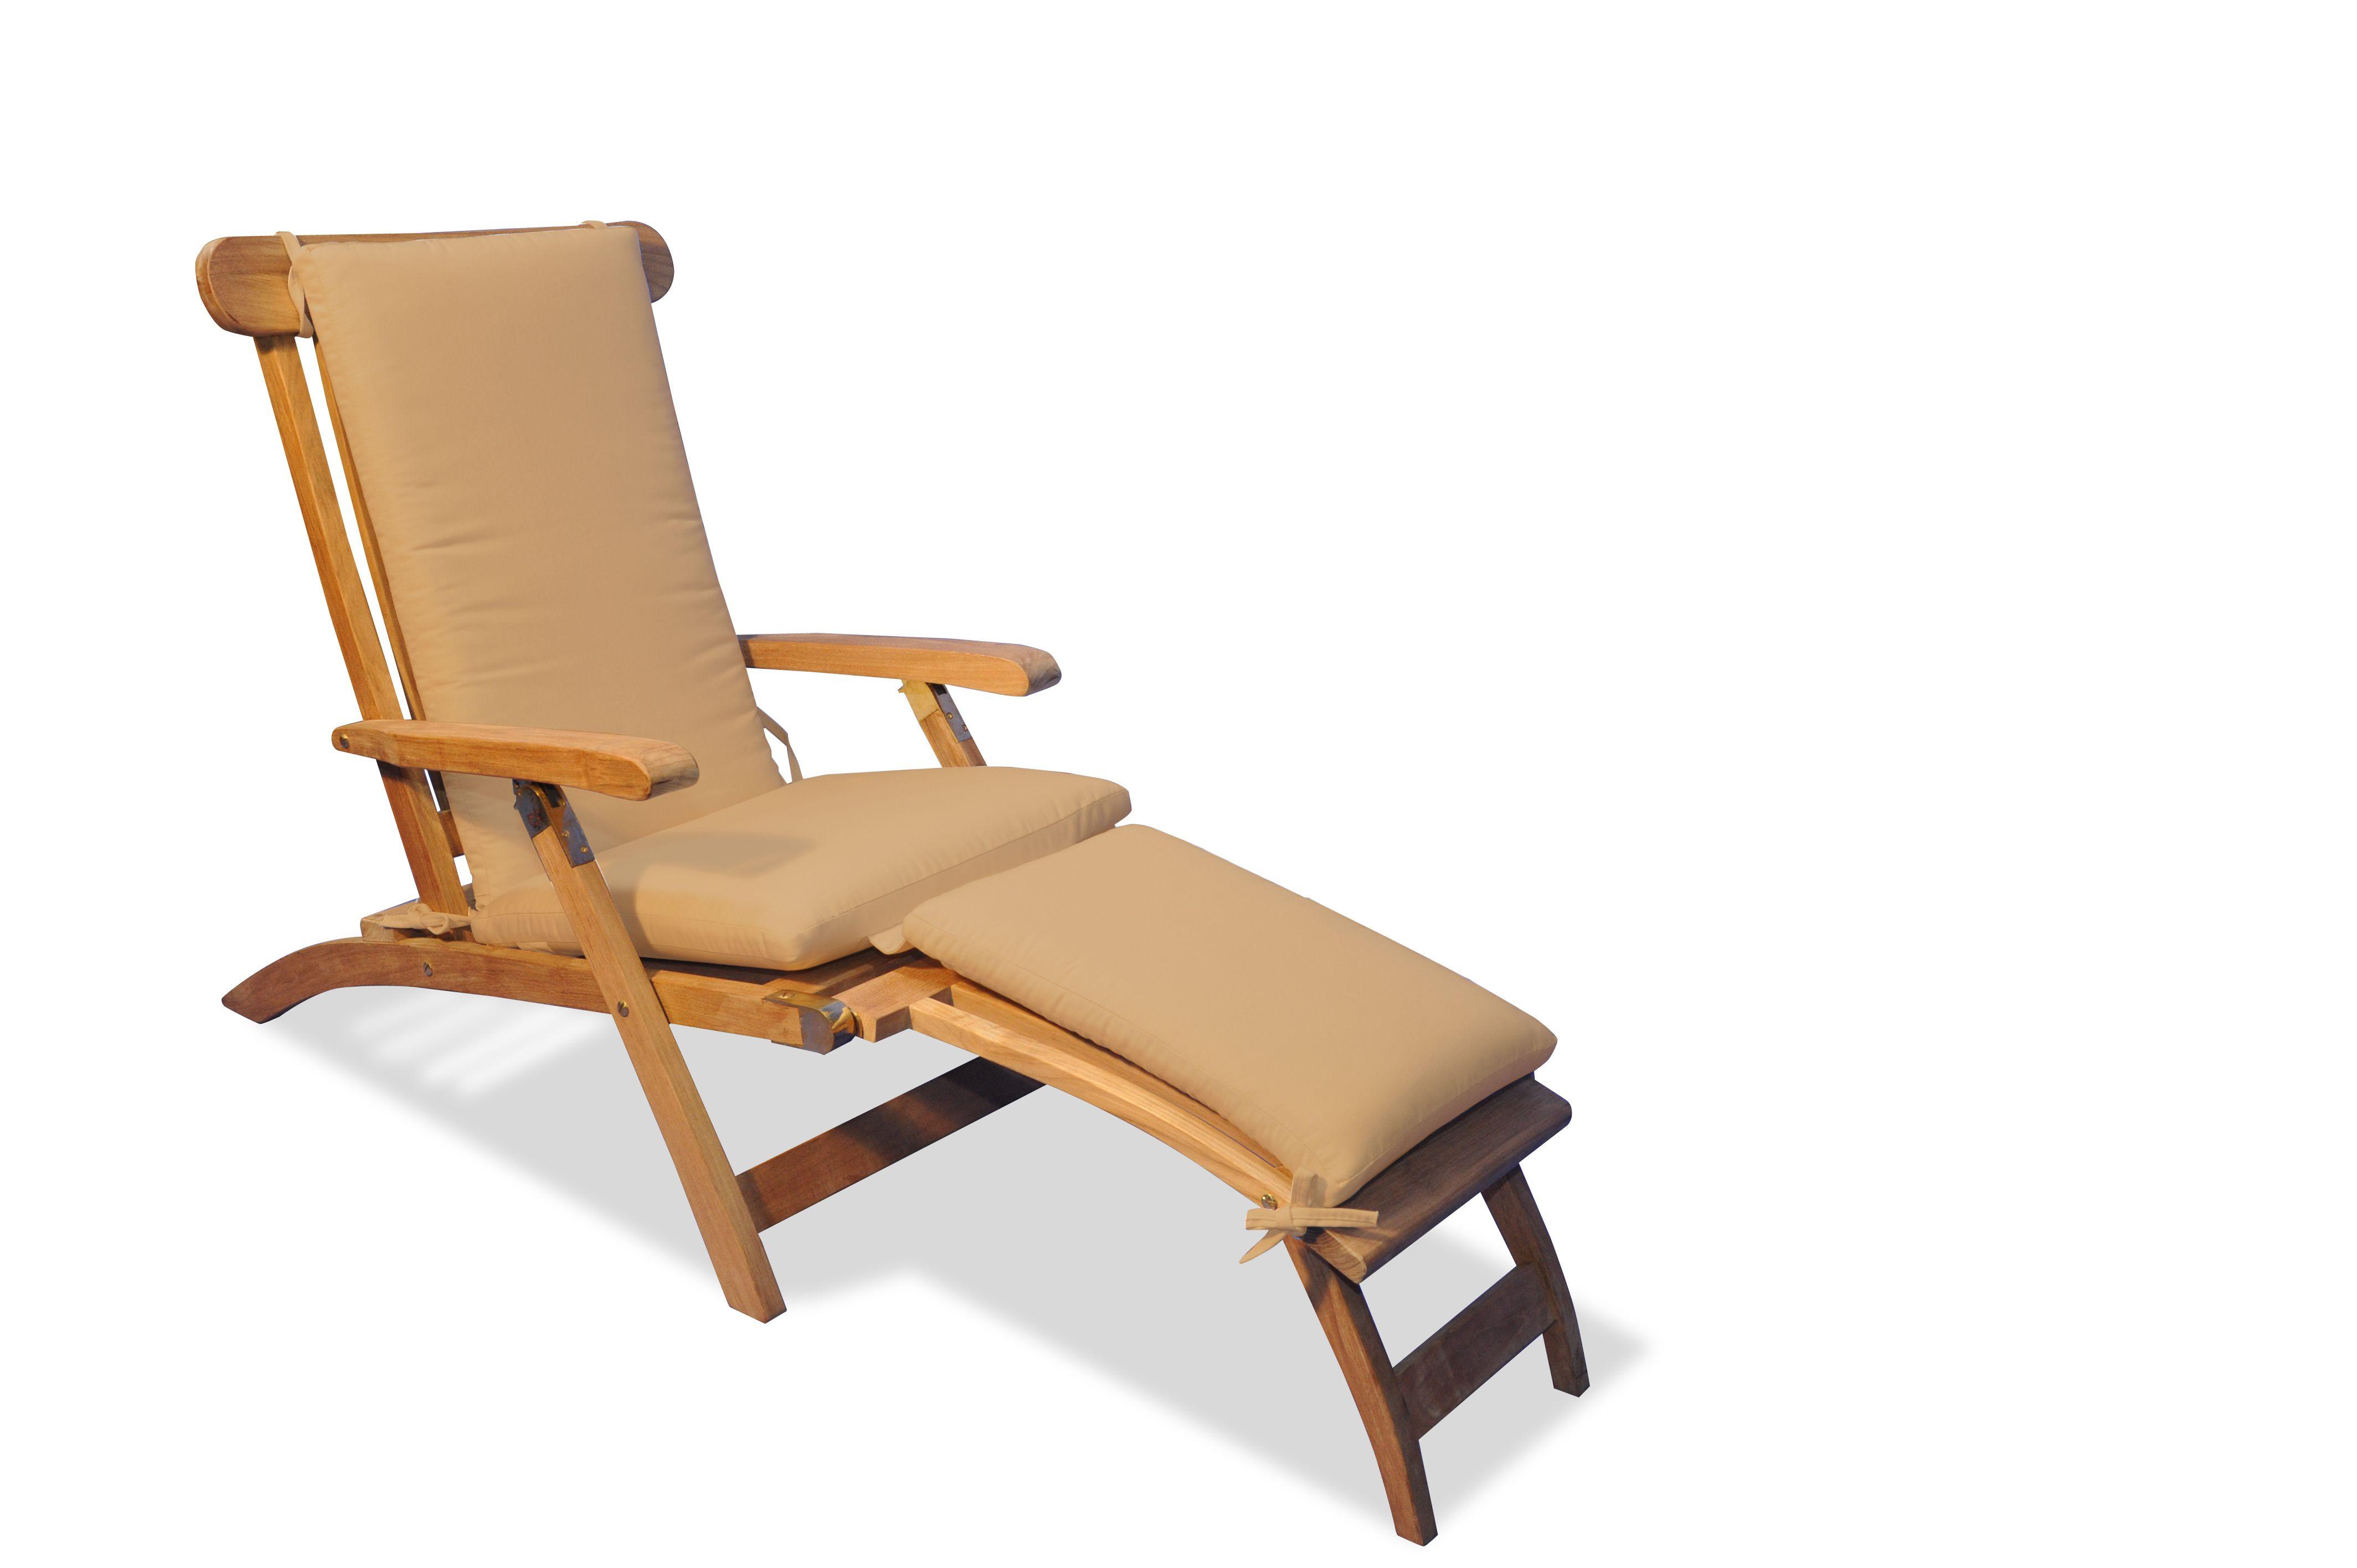 Teak Steamer Chair Adirondack Lounge Chaise And Cushion Set